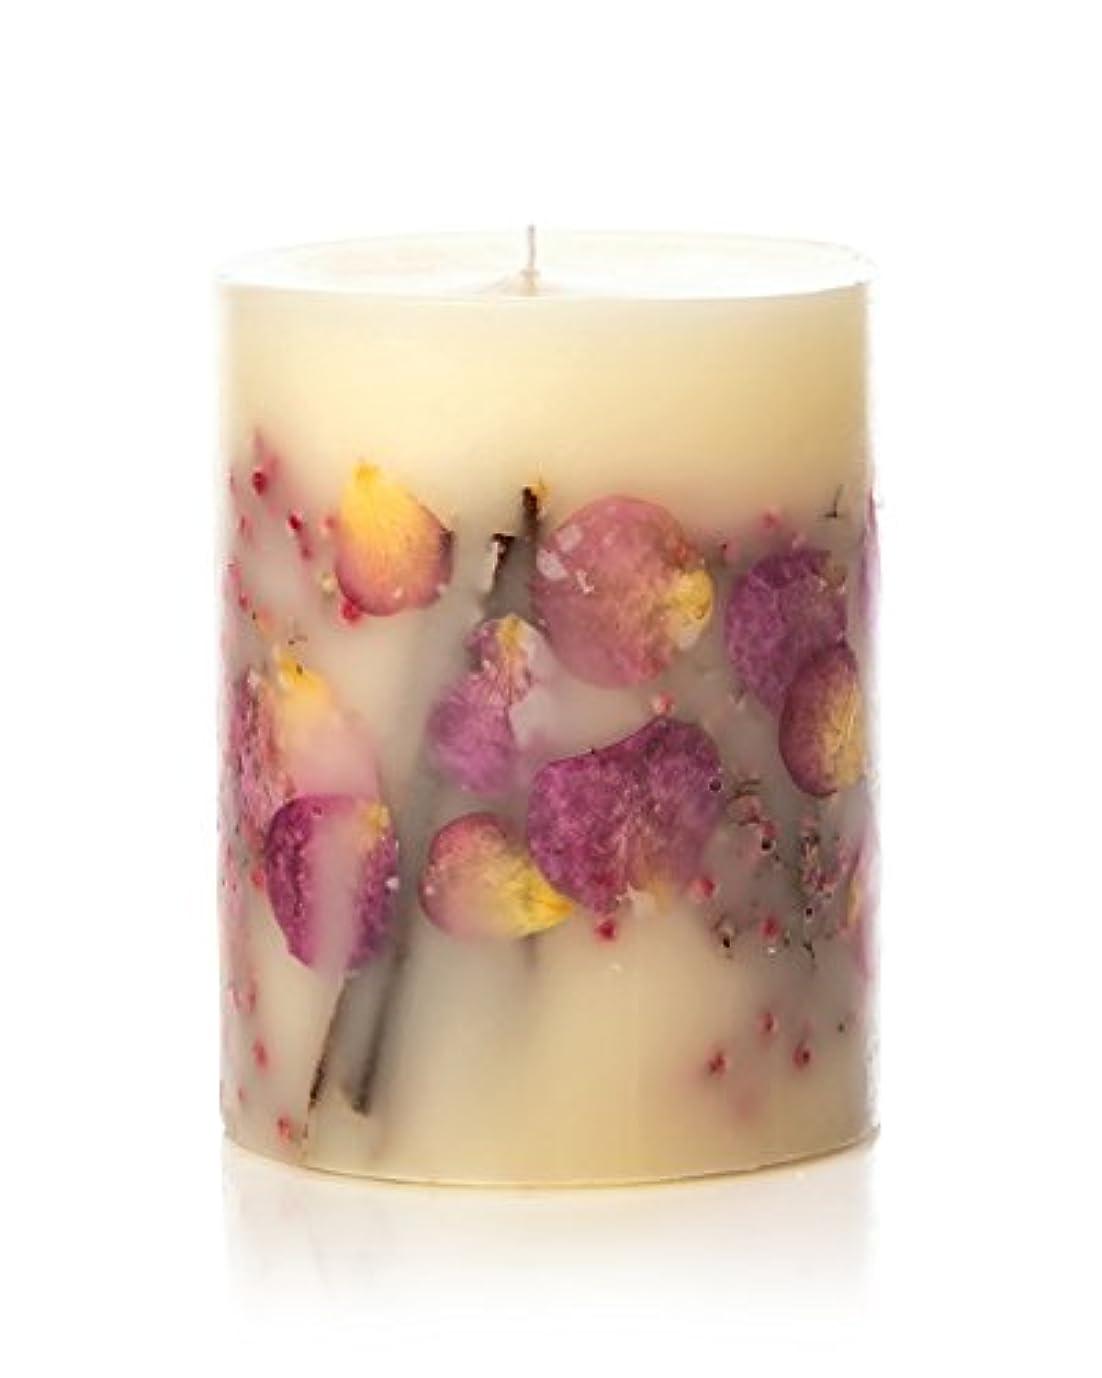 スパイ川コンテストロージーリングス ボタニカルキャンドル ビッグラウンド アプリコット&ローズ ROSY RINGS Round Botanical Candle Big Round – Apricot Rose